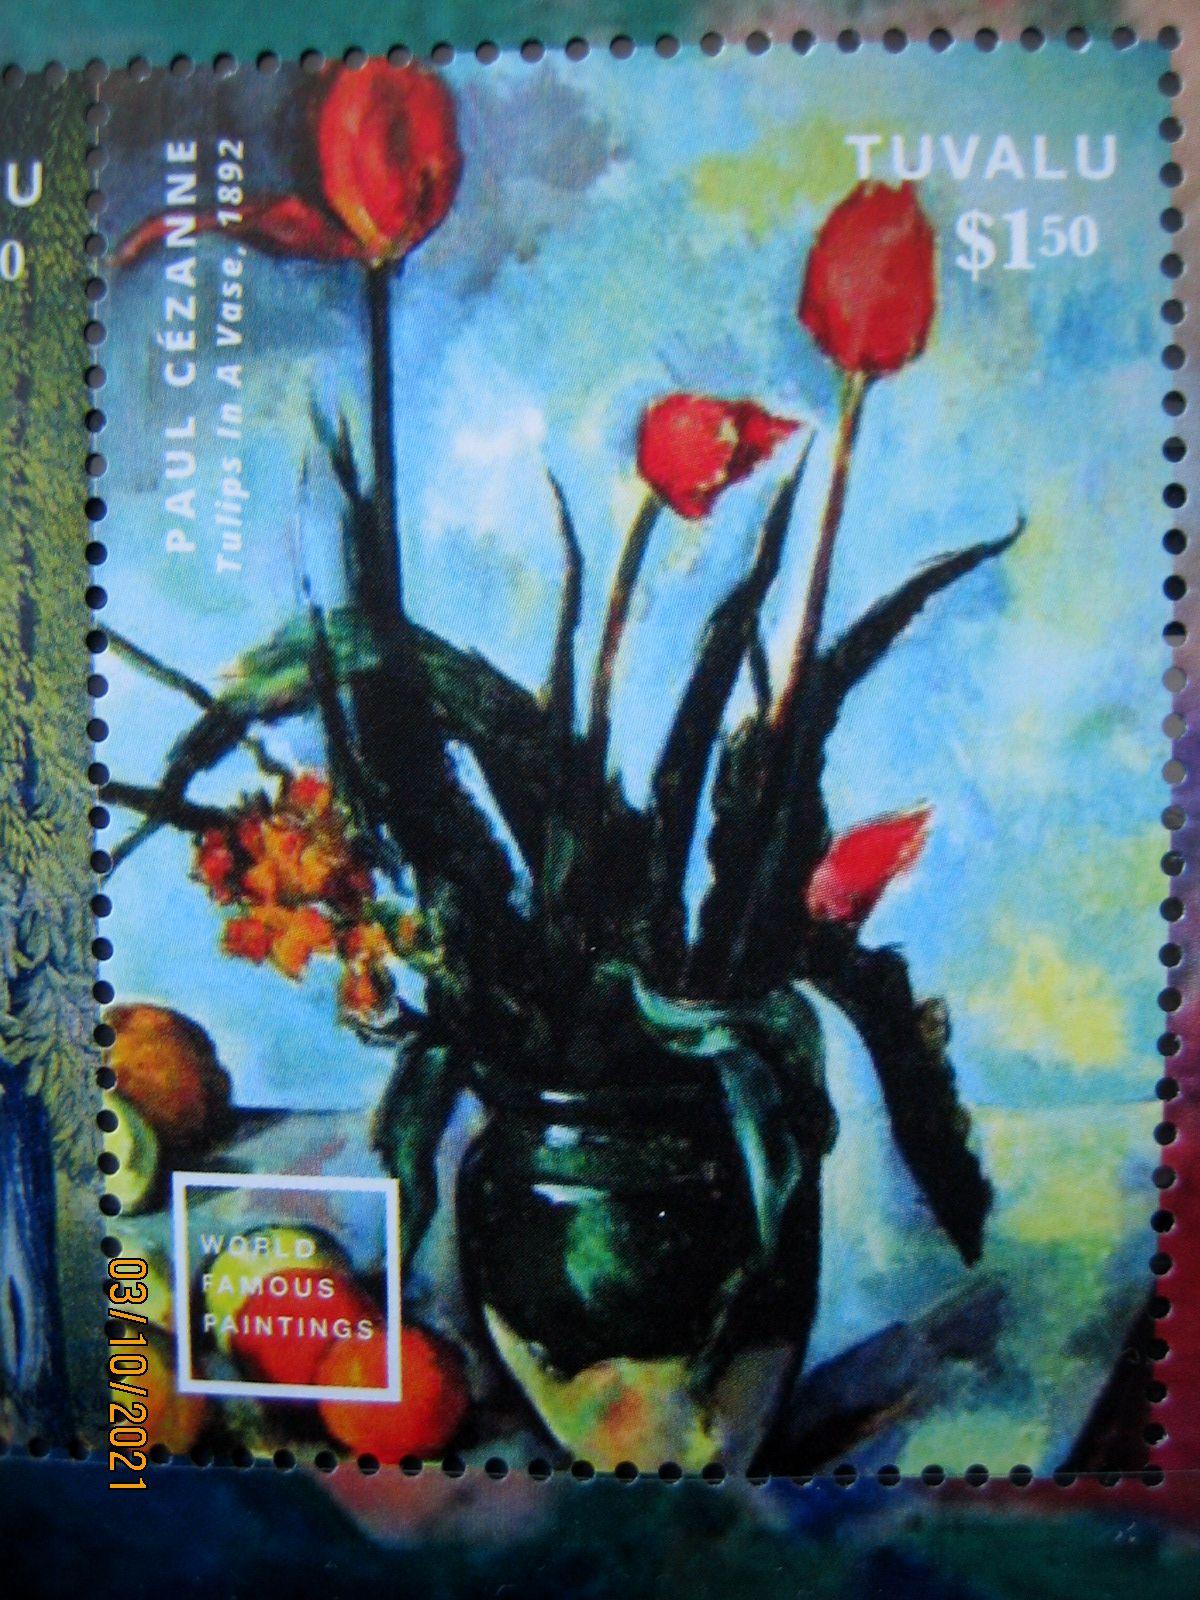 """Марка Тувалу 2014-08-14Mi:TV 2049, """"Известное мировое искуство""""   Поль Сезанн, «Тюльпаны в вазе» 1892гноминал — 1.50 $"""